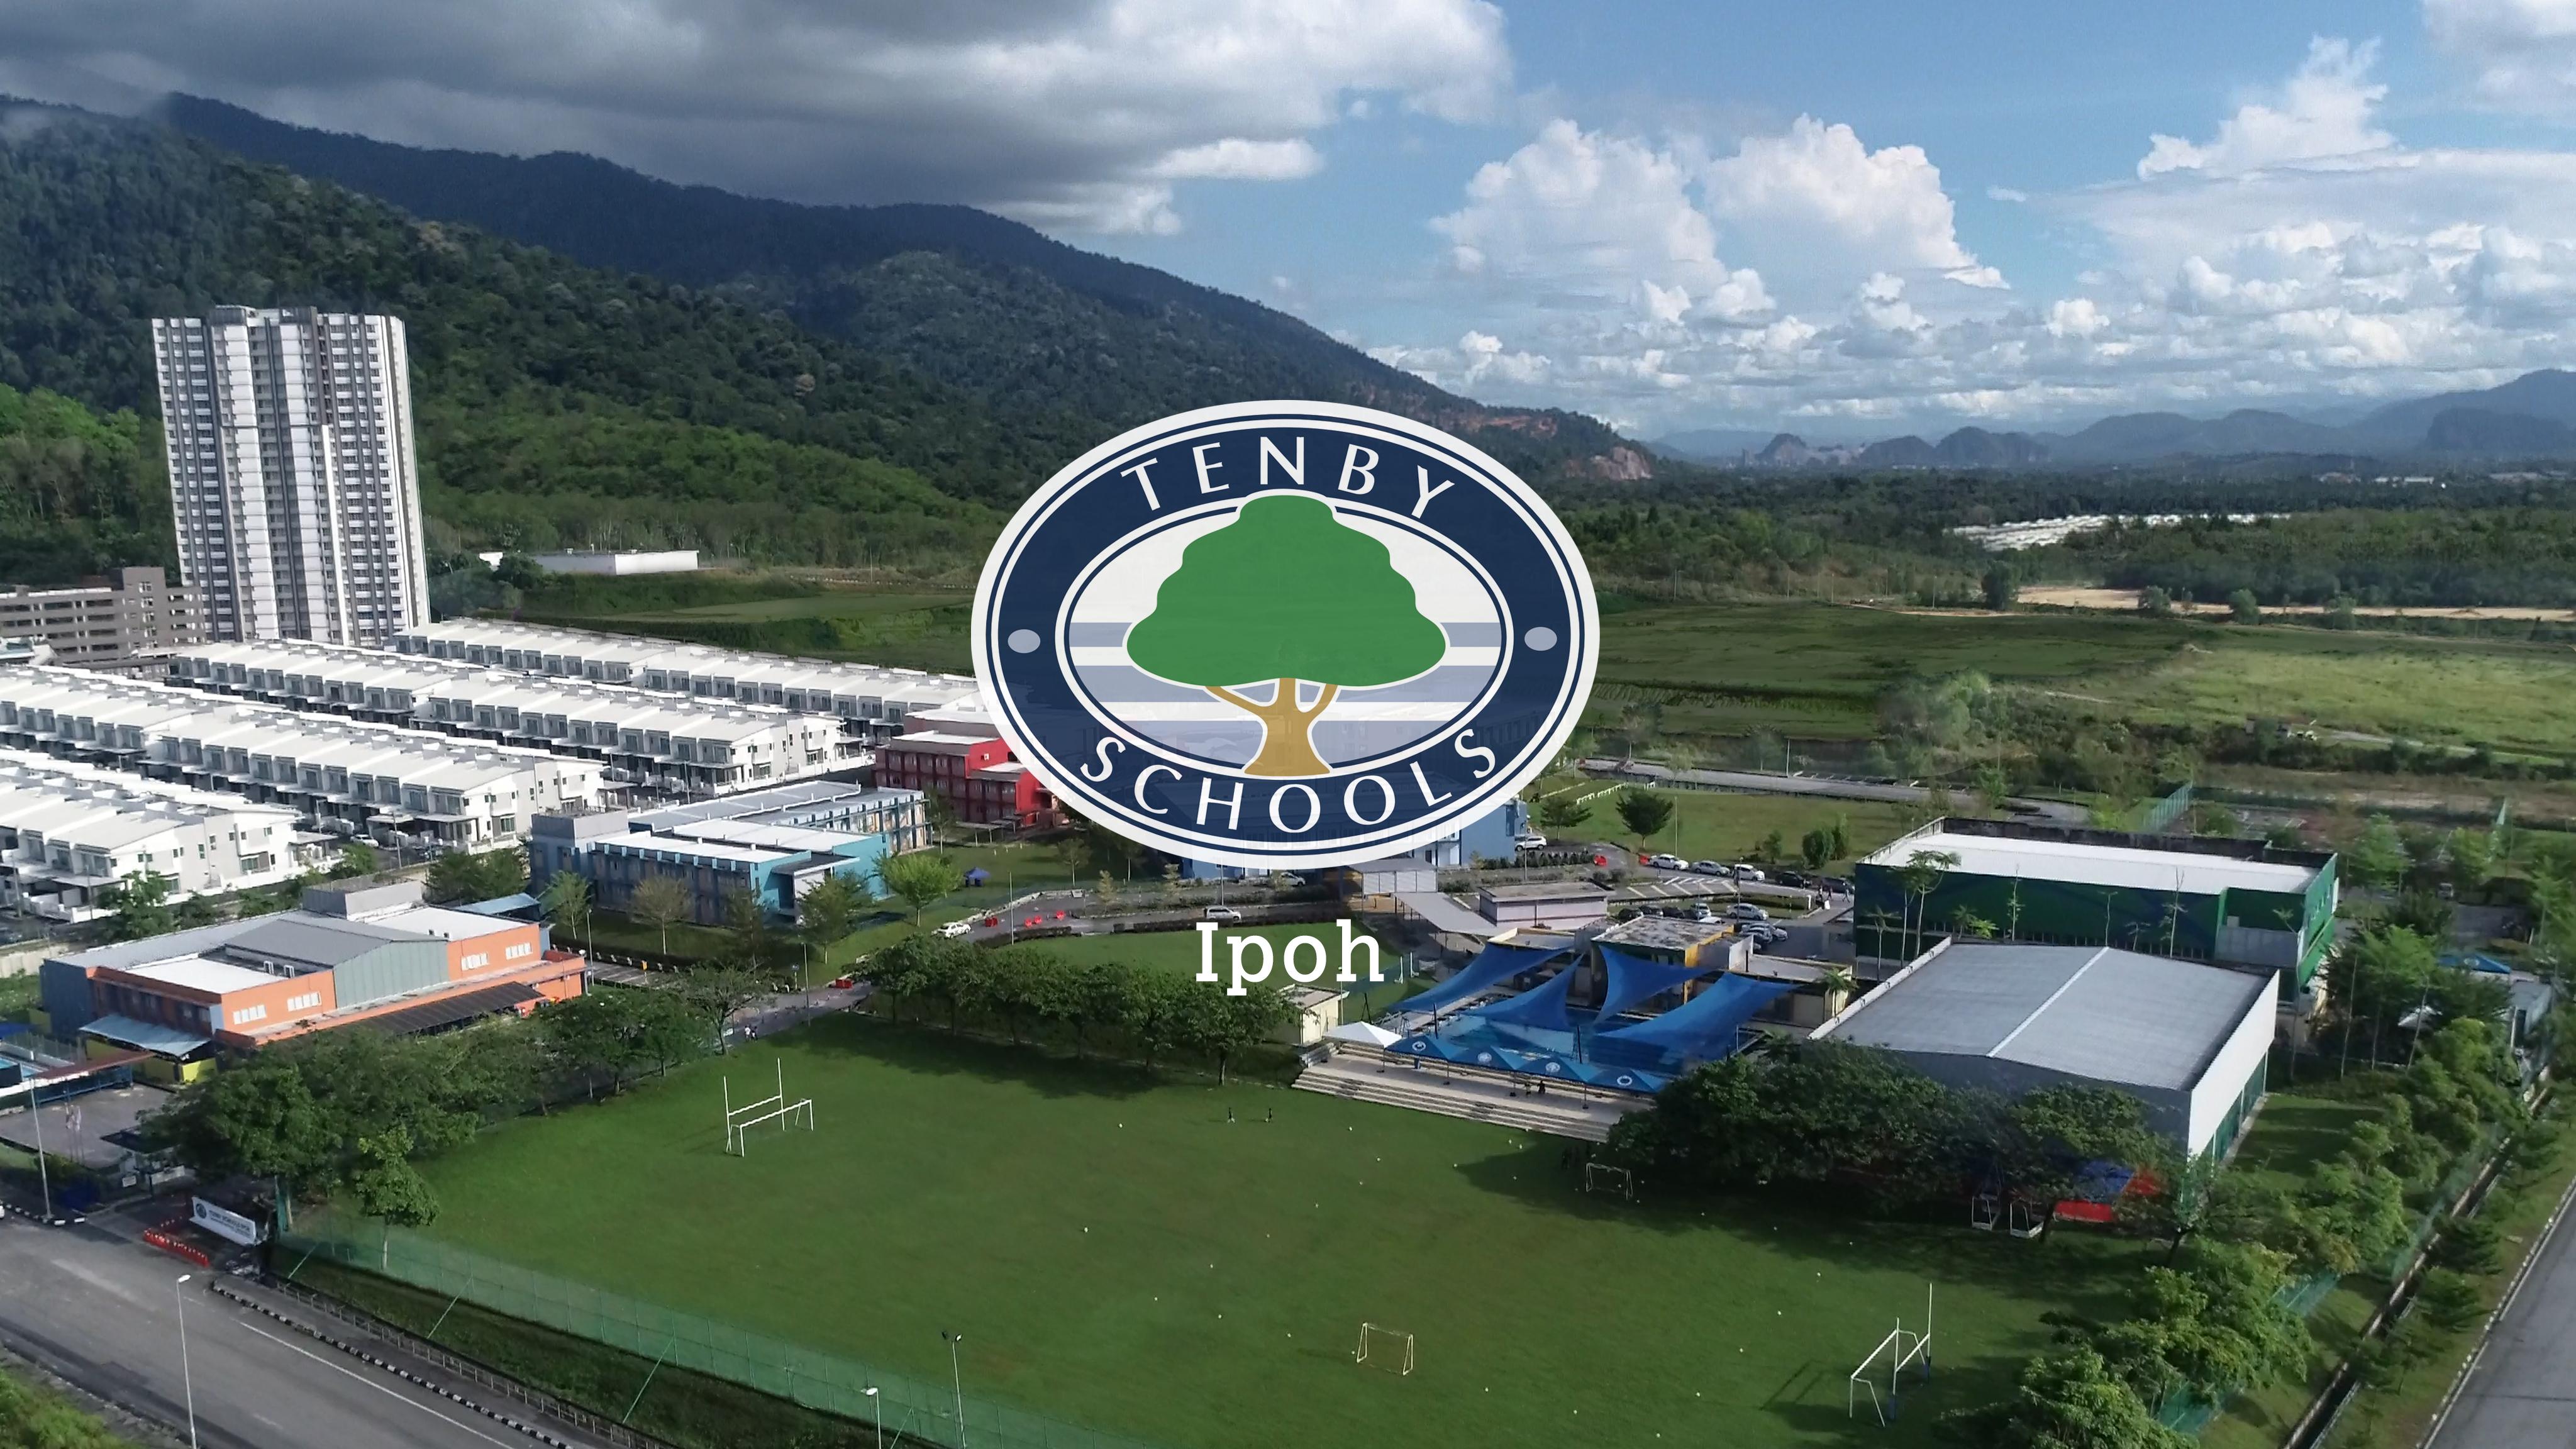 IPH Video - 30 sec